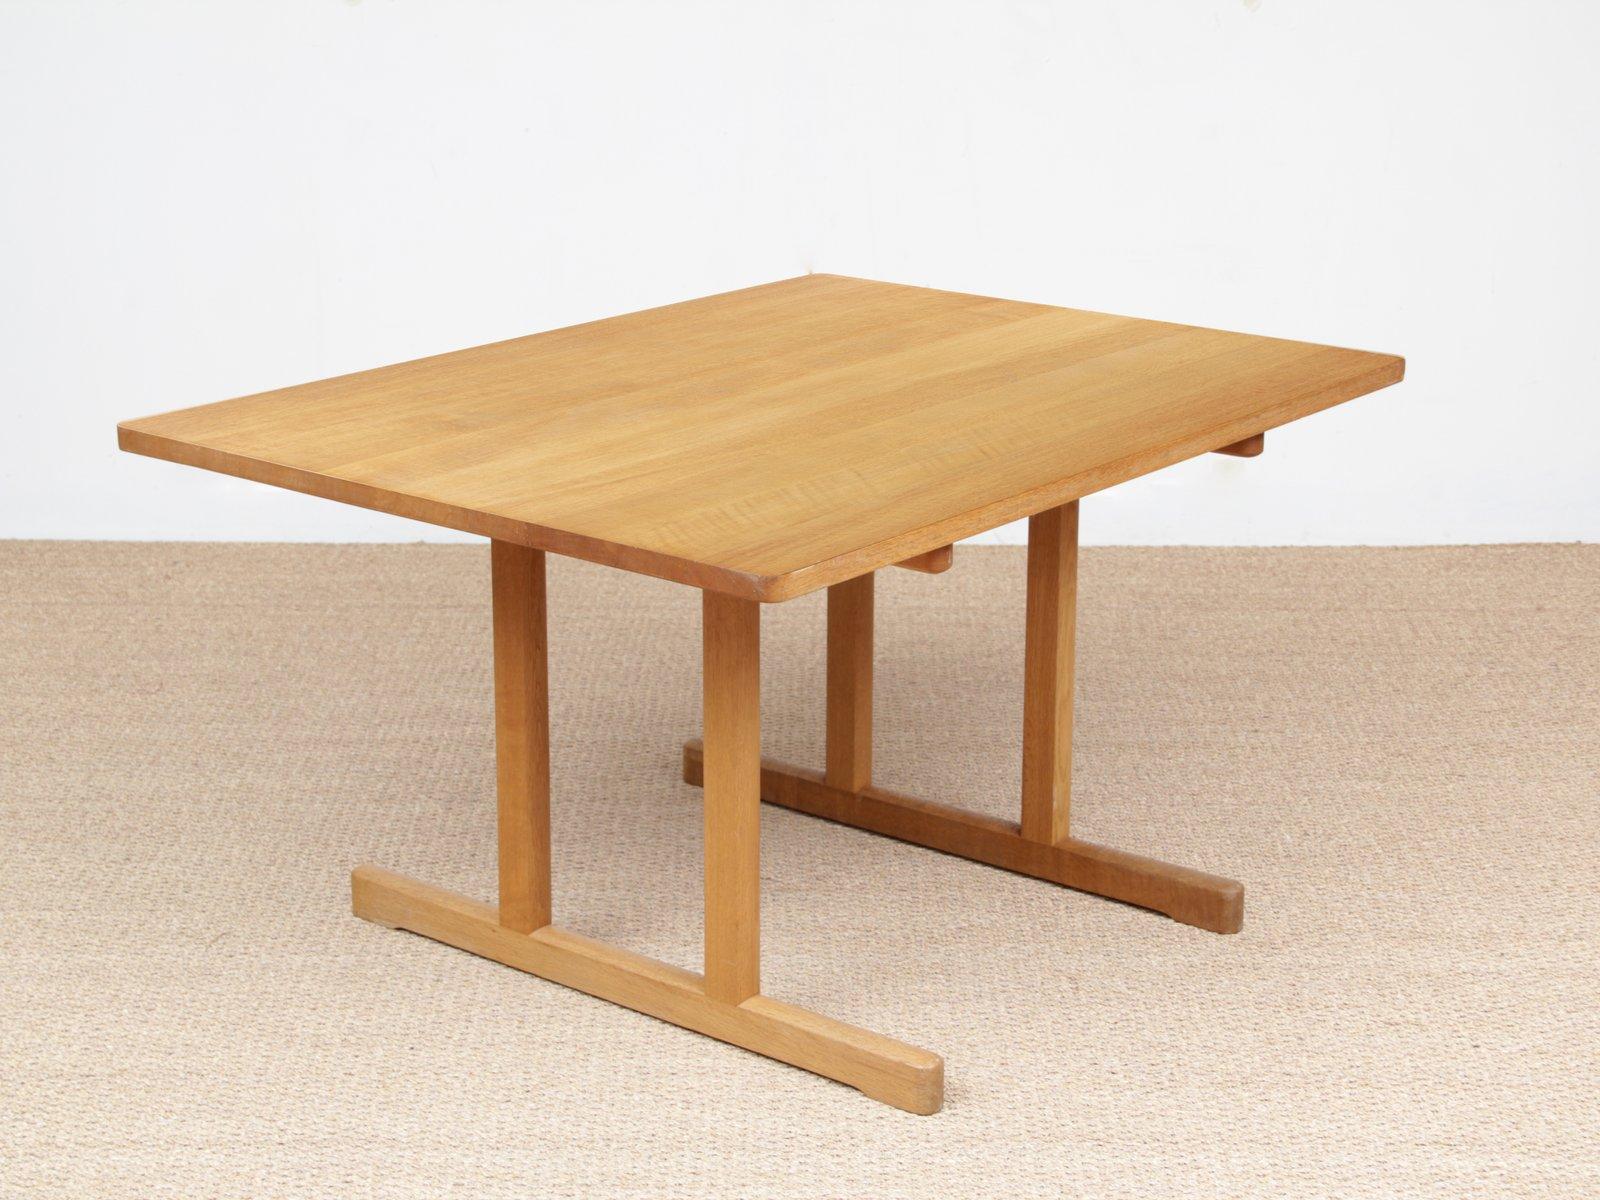 Scandinavian Shaker 6287 Dining Table by B¸rge Mogensen for